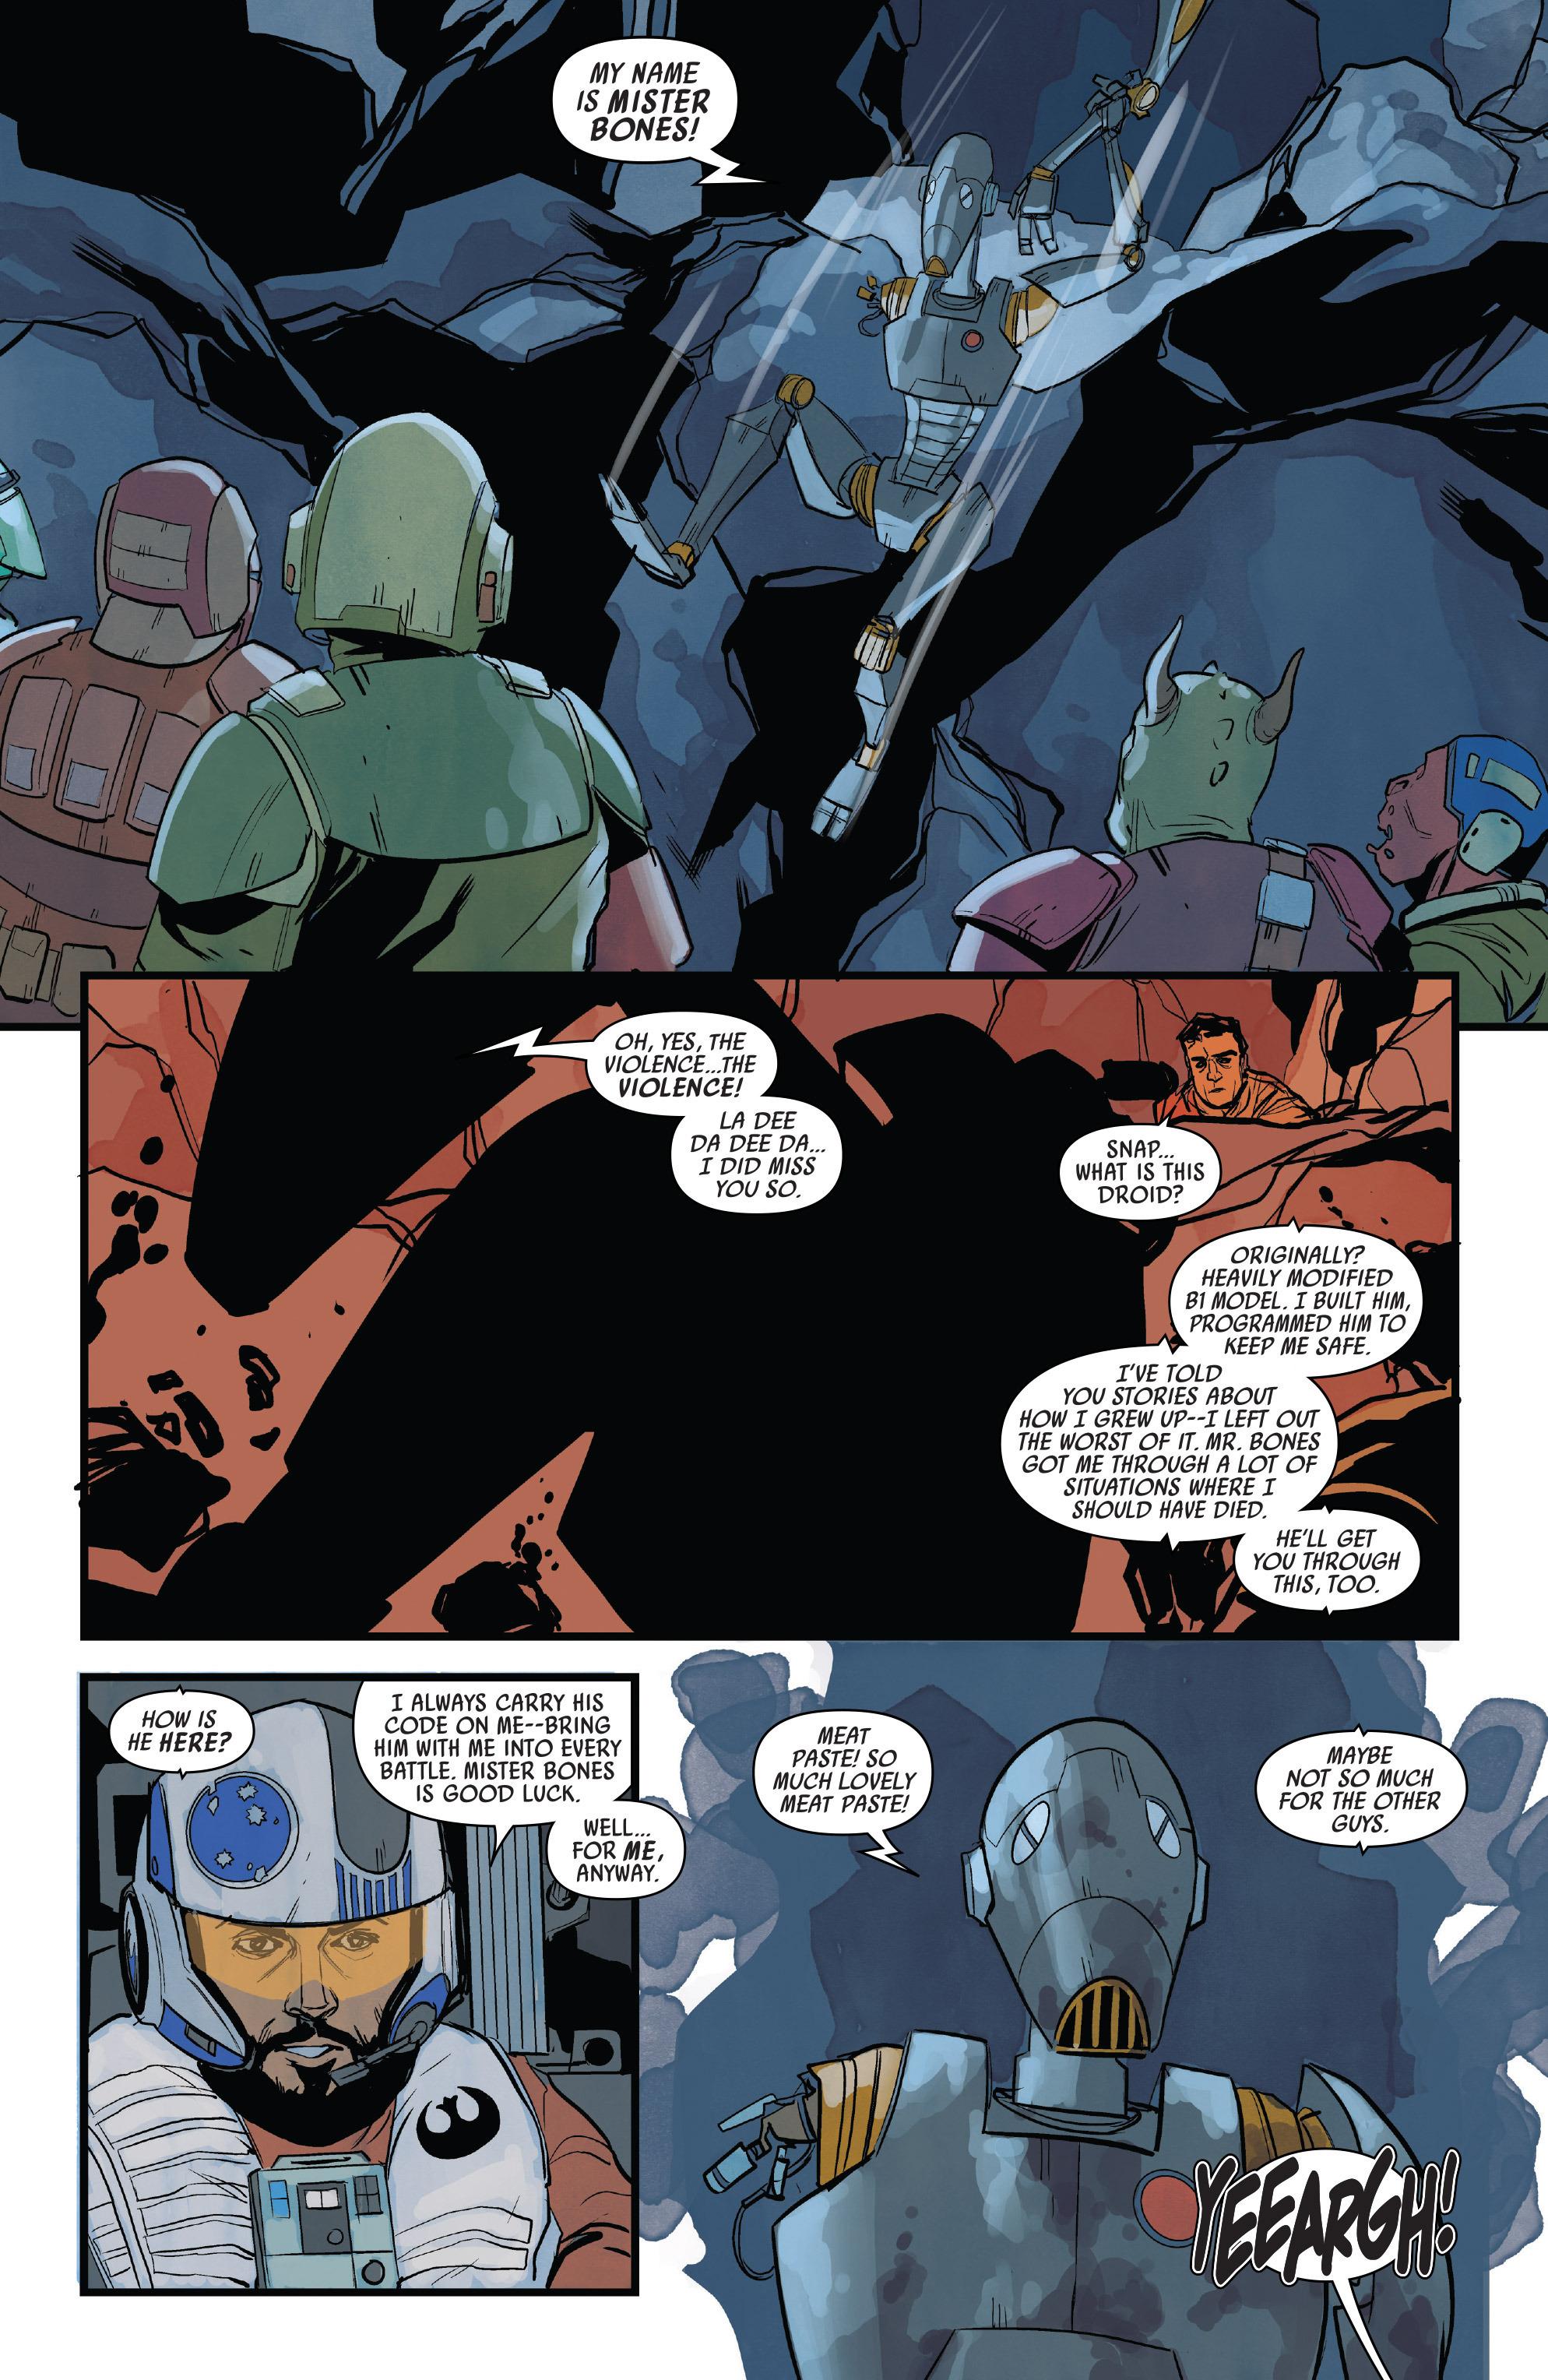 Read online Star Wars: Poe Dameron comic -  Issue #13 - 6